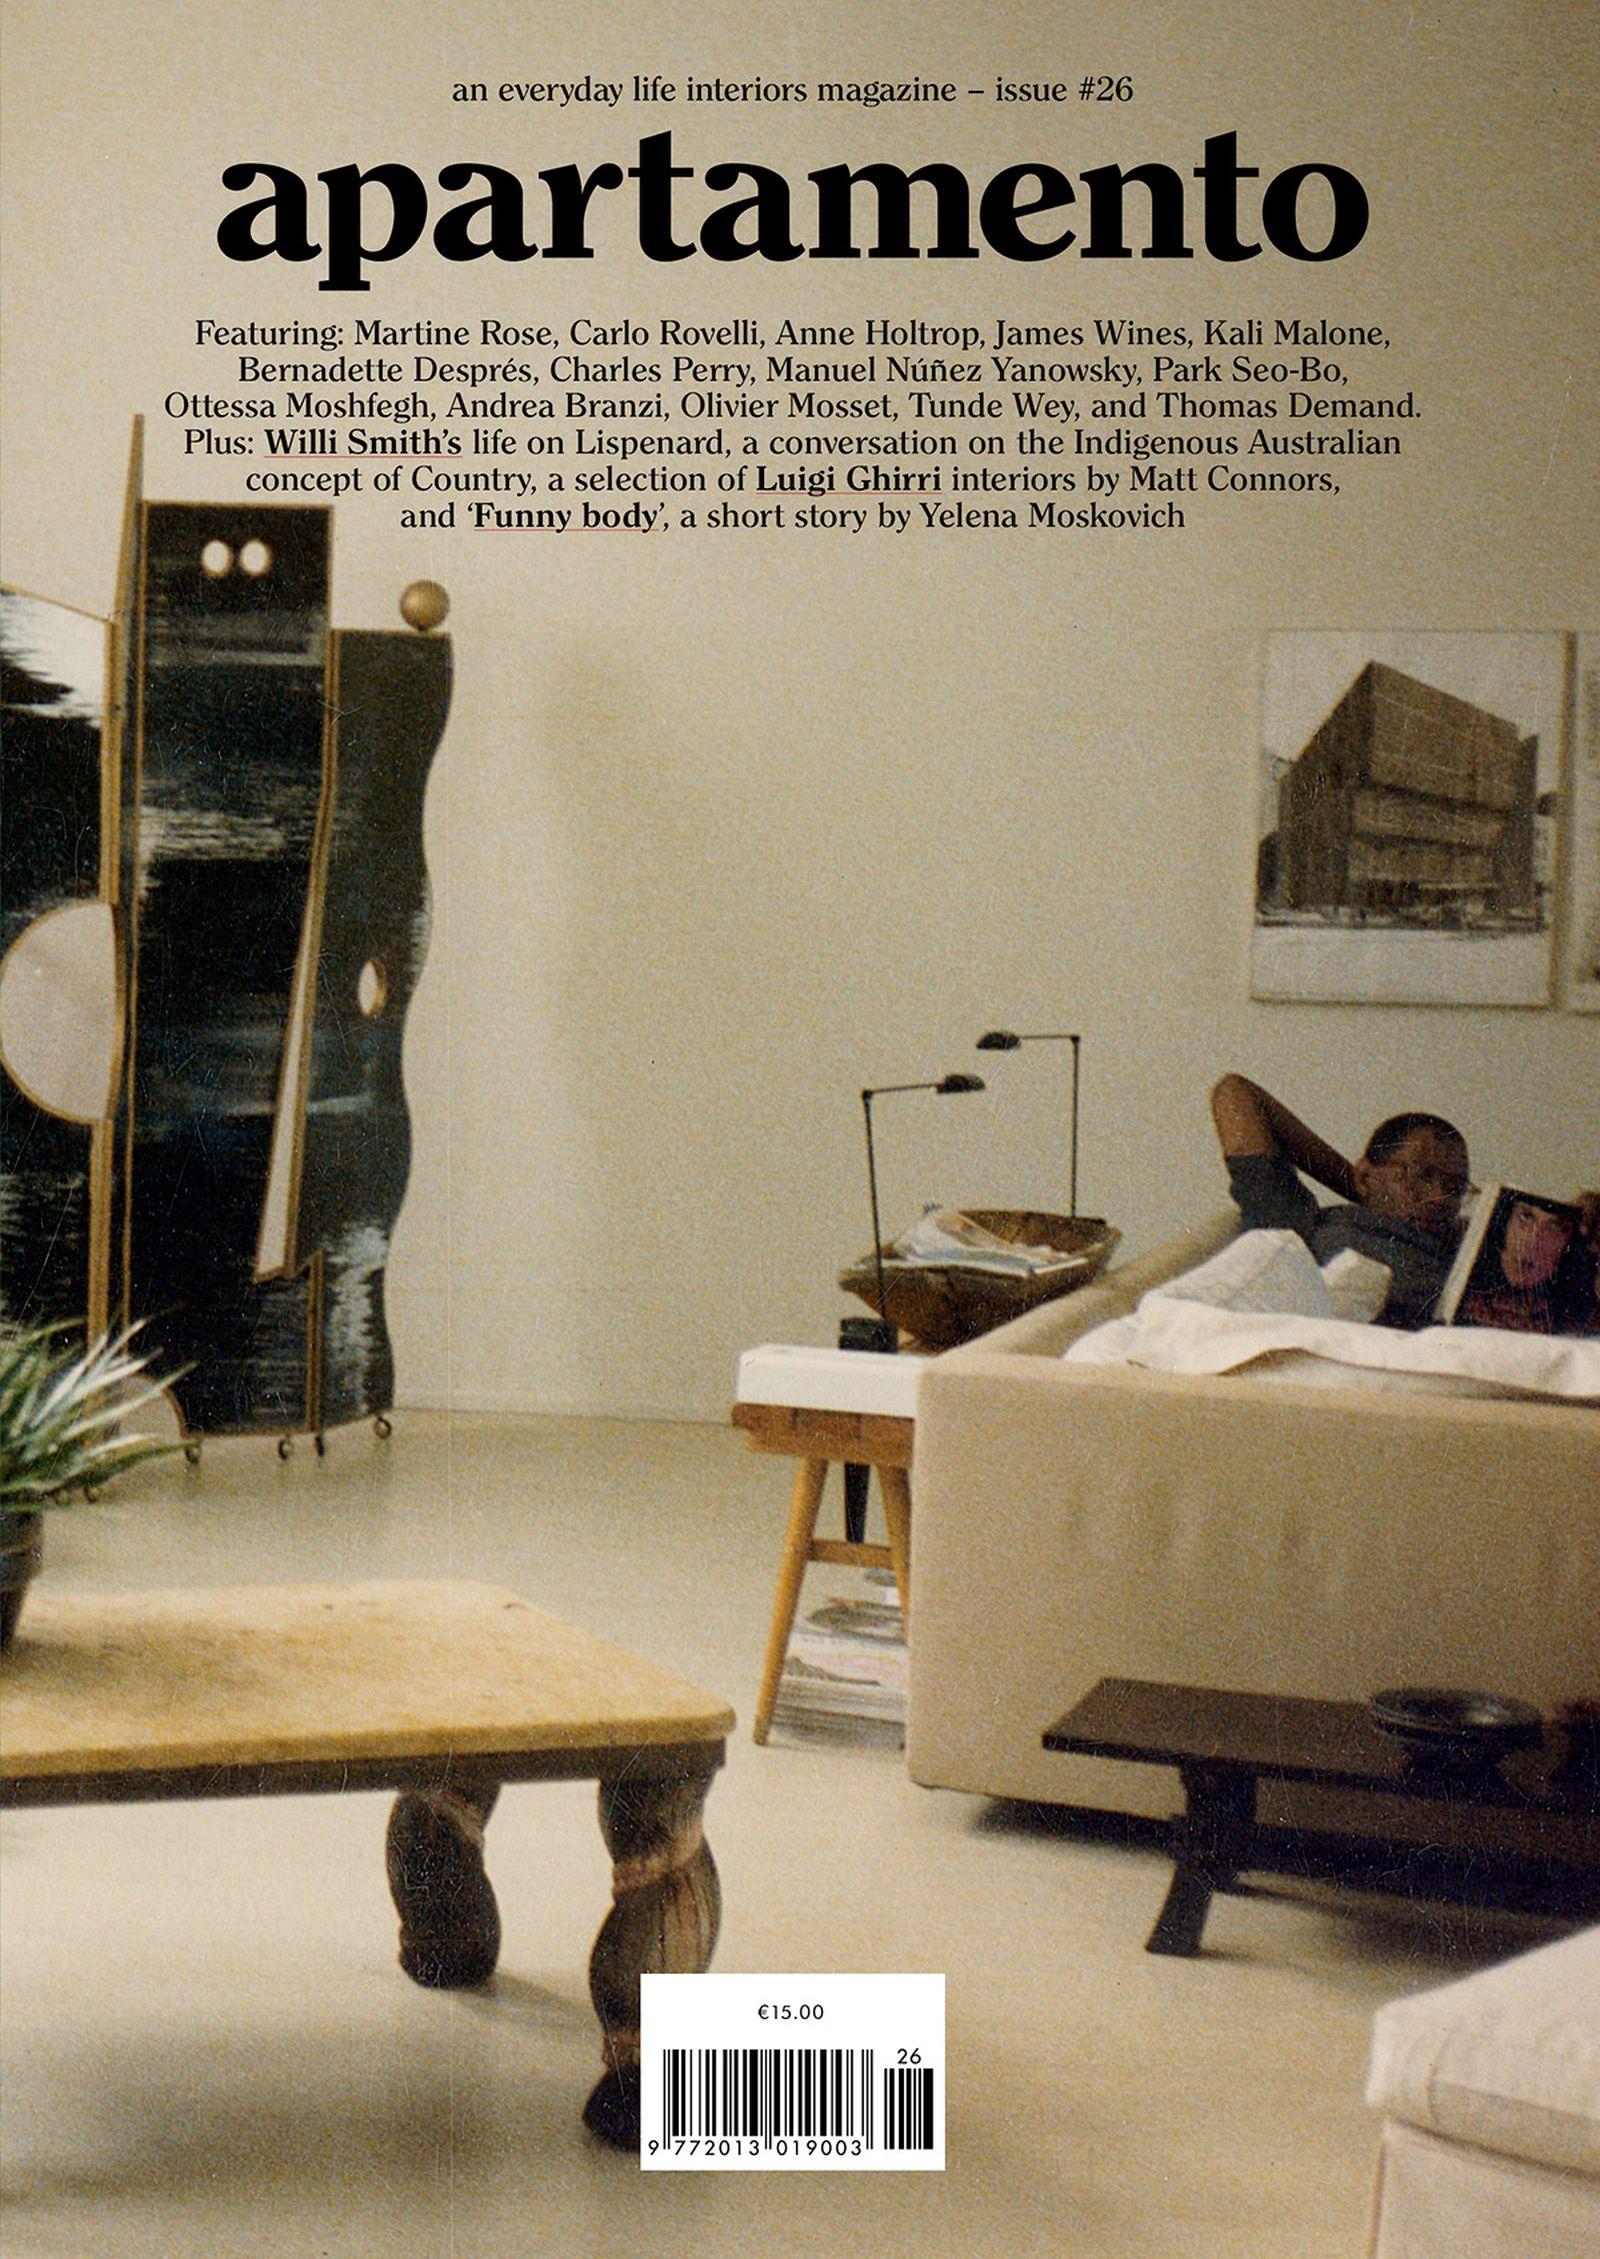 apartment-cover-01